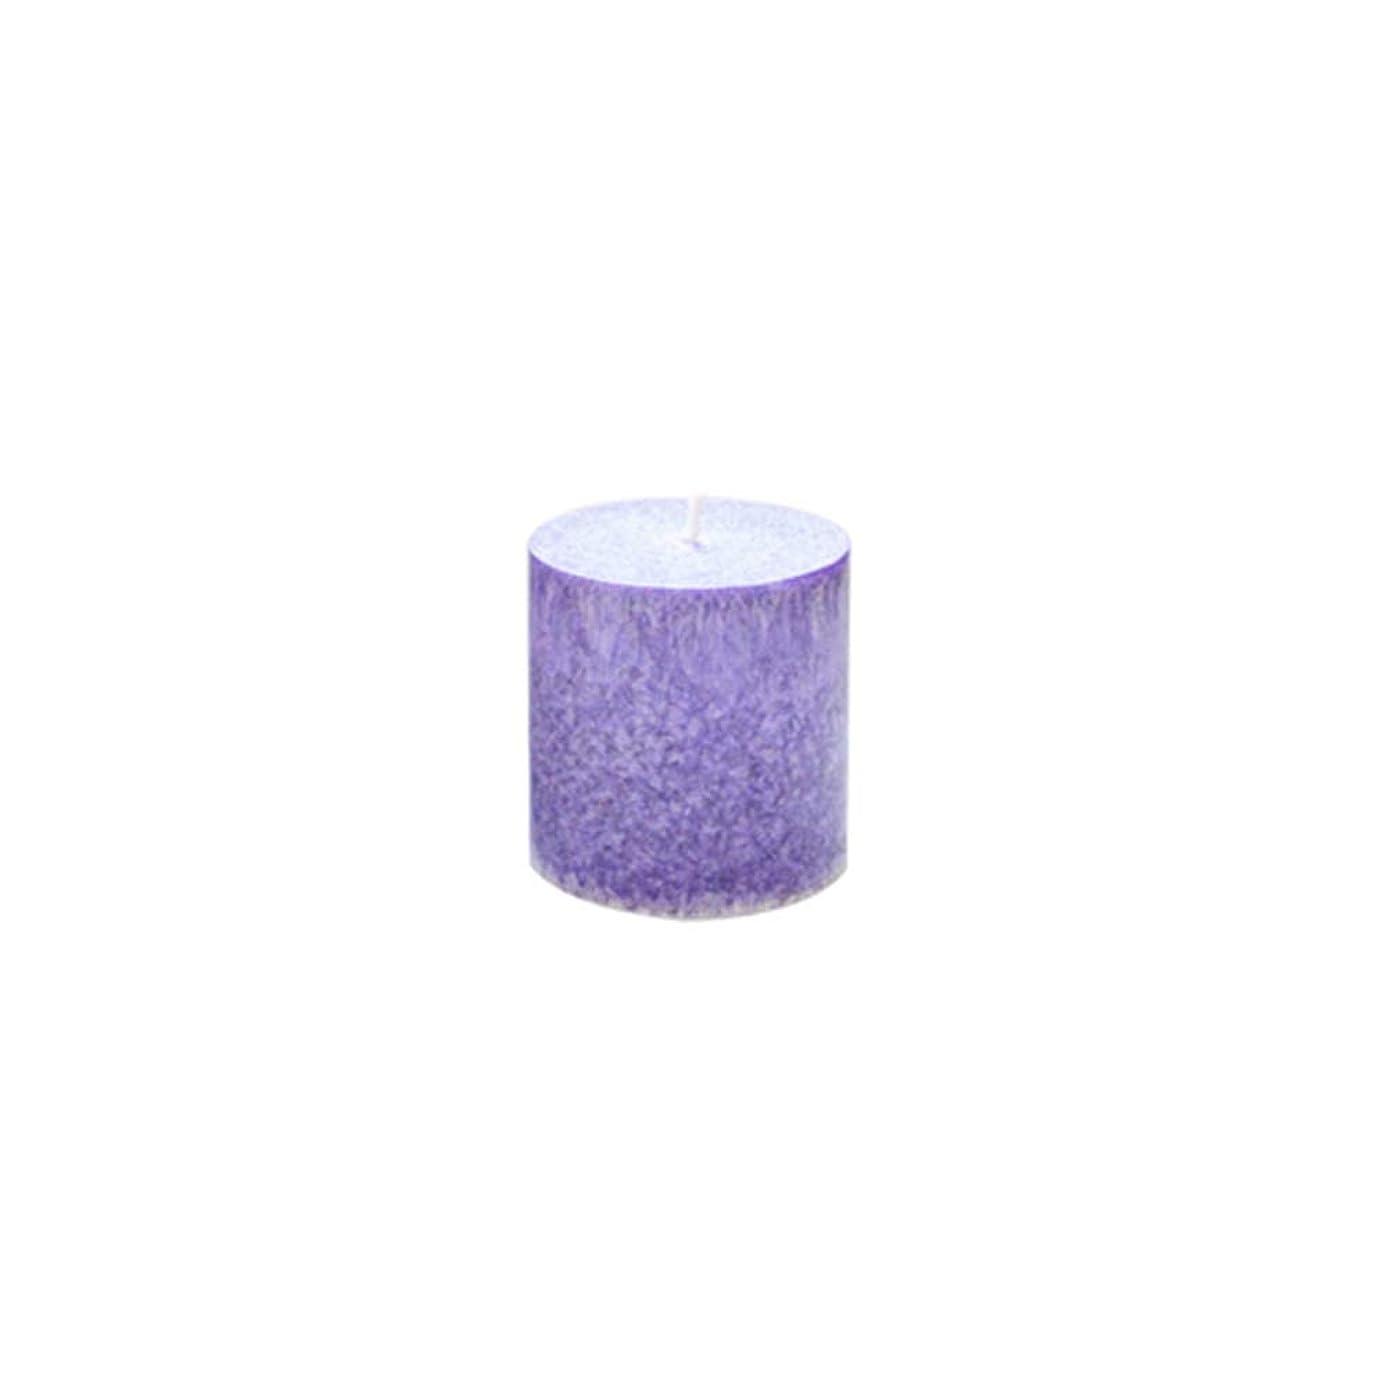 肥満私達ダイヤモンドRakuby 香料入り 蝋燭 ロマンチック 紫色 ラベンダー アロマ療法 柱 蝋燭 祝祭 結婚祝い 無煙蝋燭